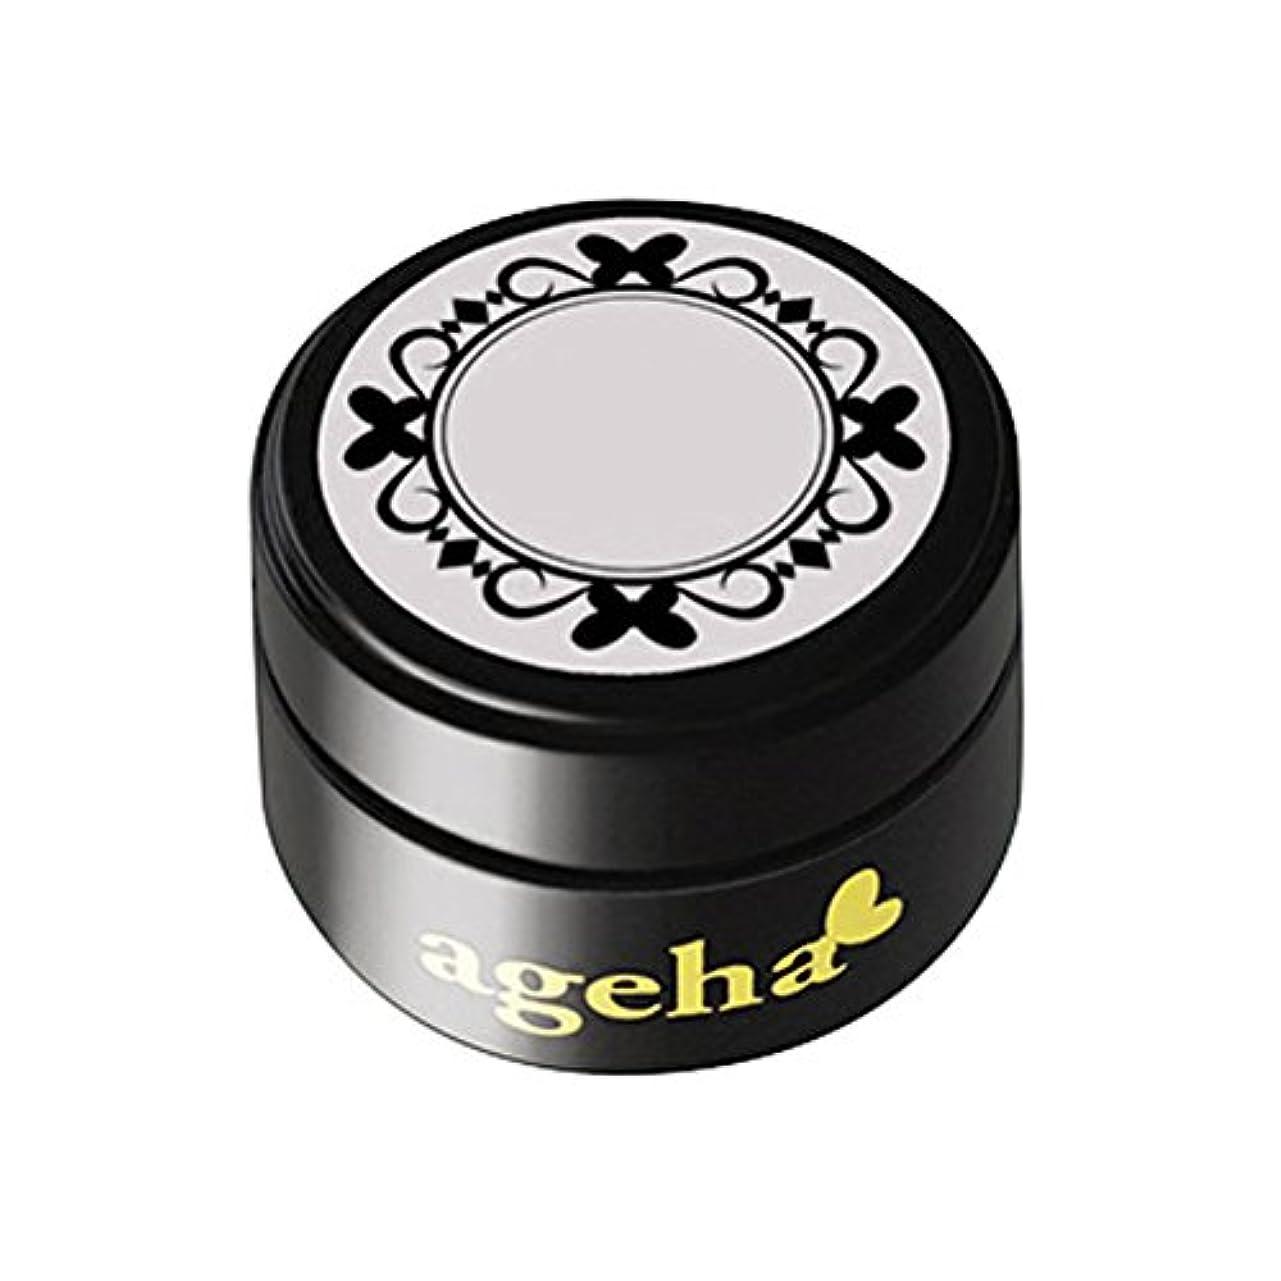 断線怒りクローゼットageha gel カラージェル コスメカラー 204 ビターチョコレート 2.7g UV/LED対応